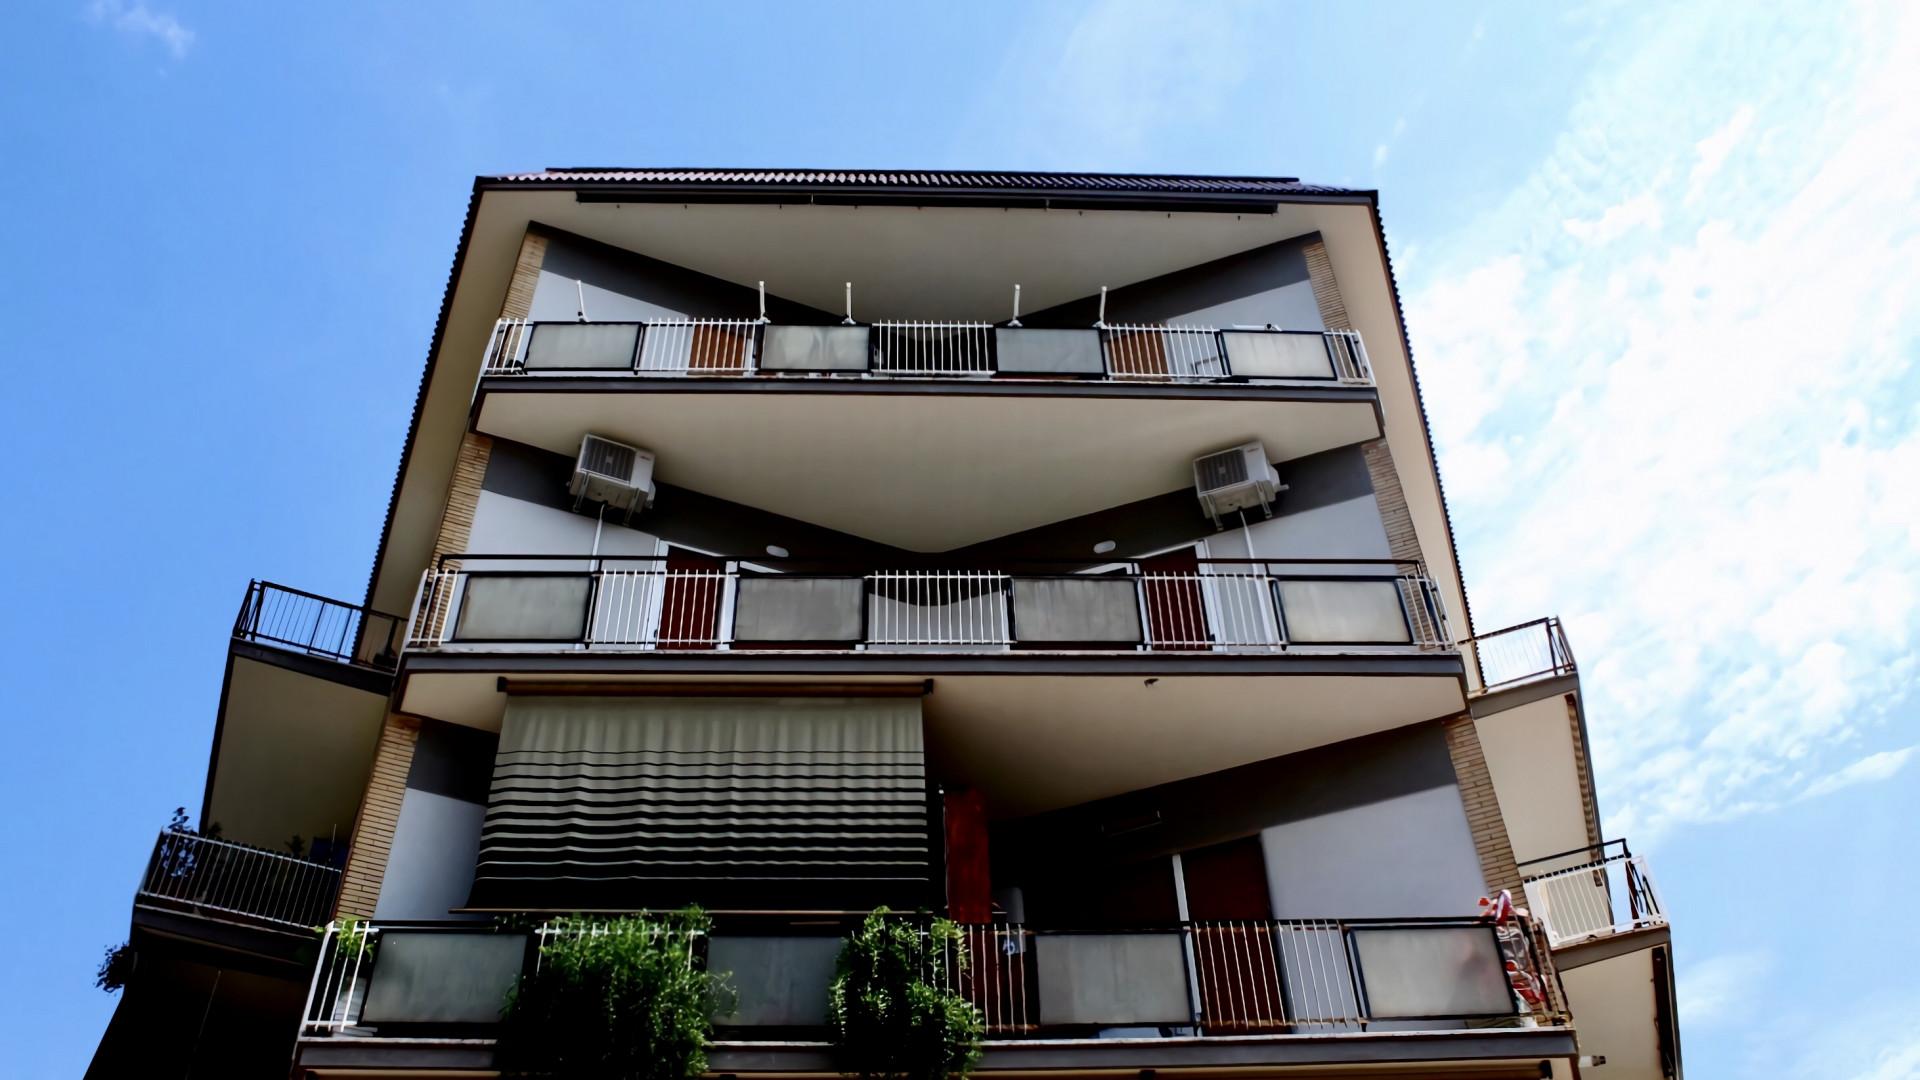 Egy húzós időszak után: minden egy helyen a legfrissebb lakáspiaci történésekről